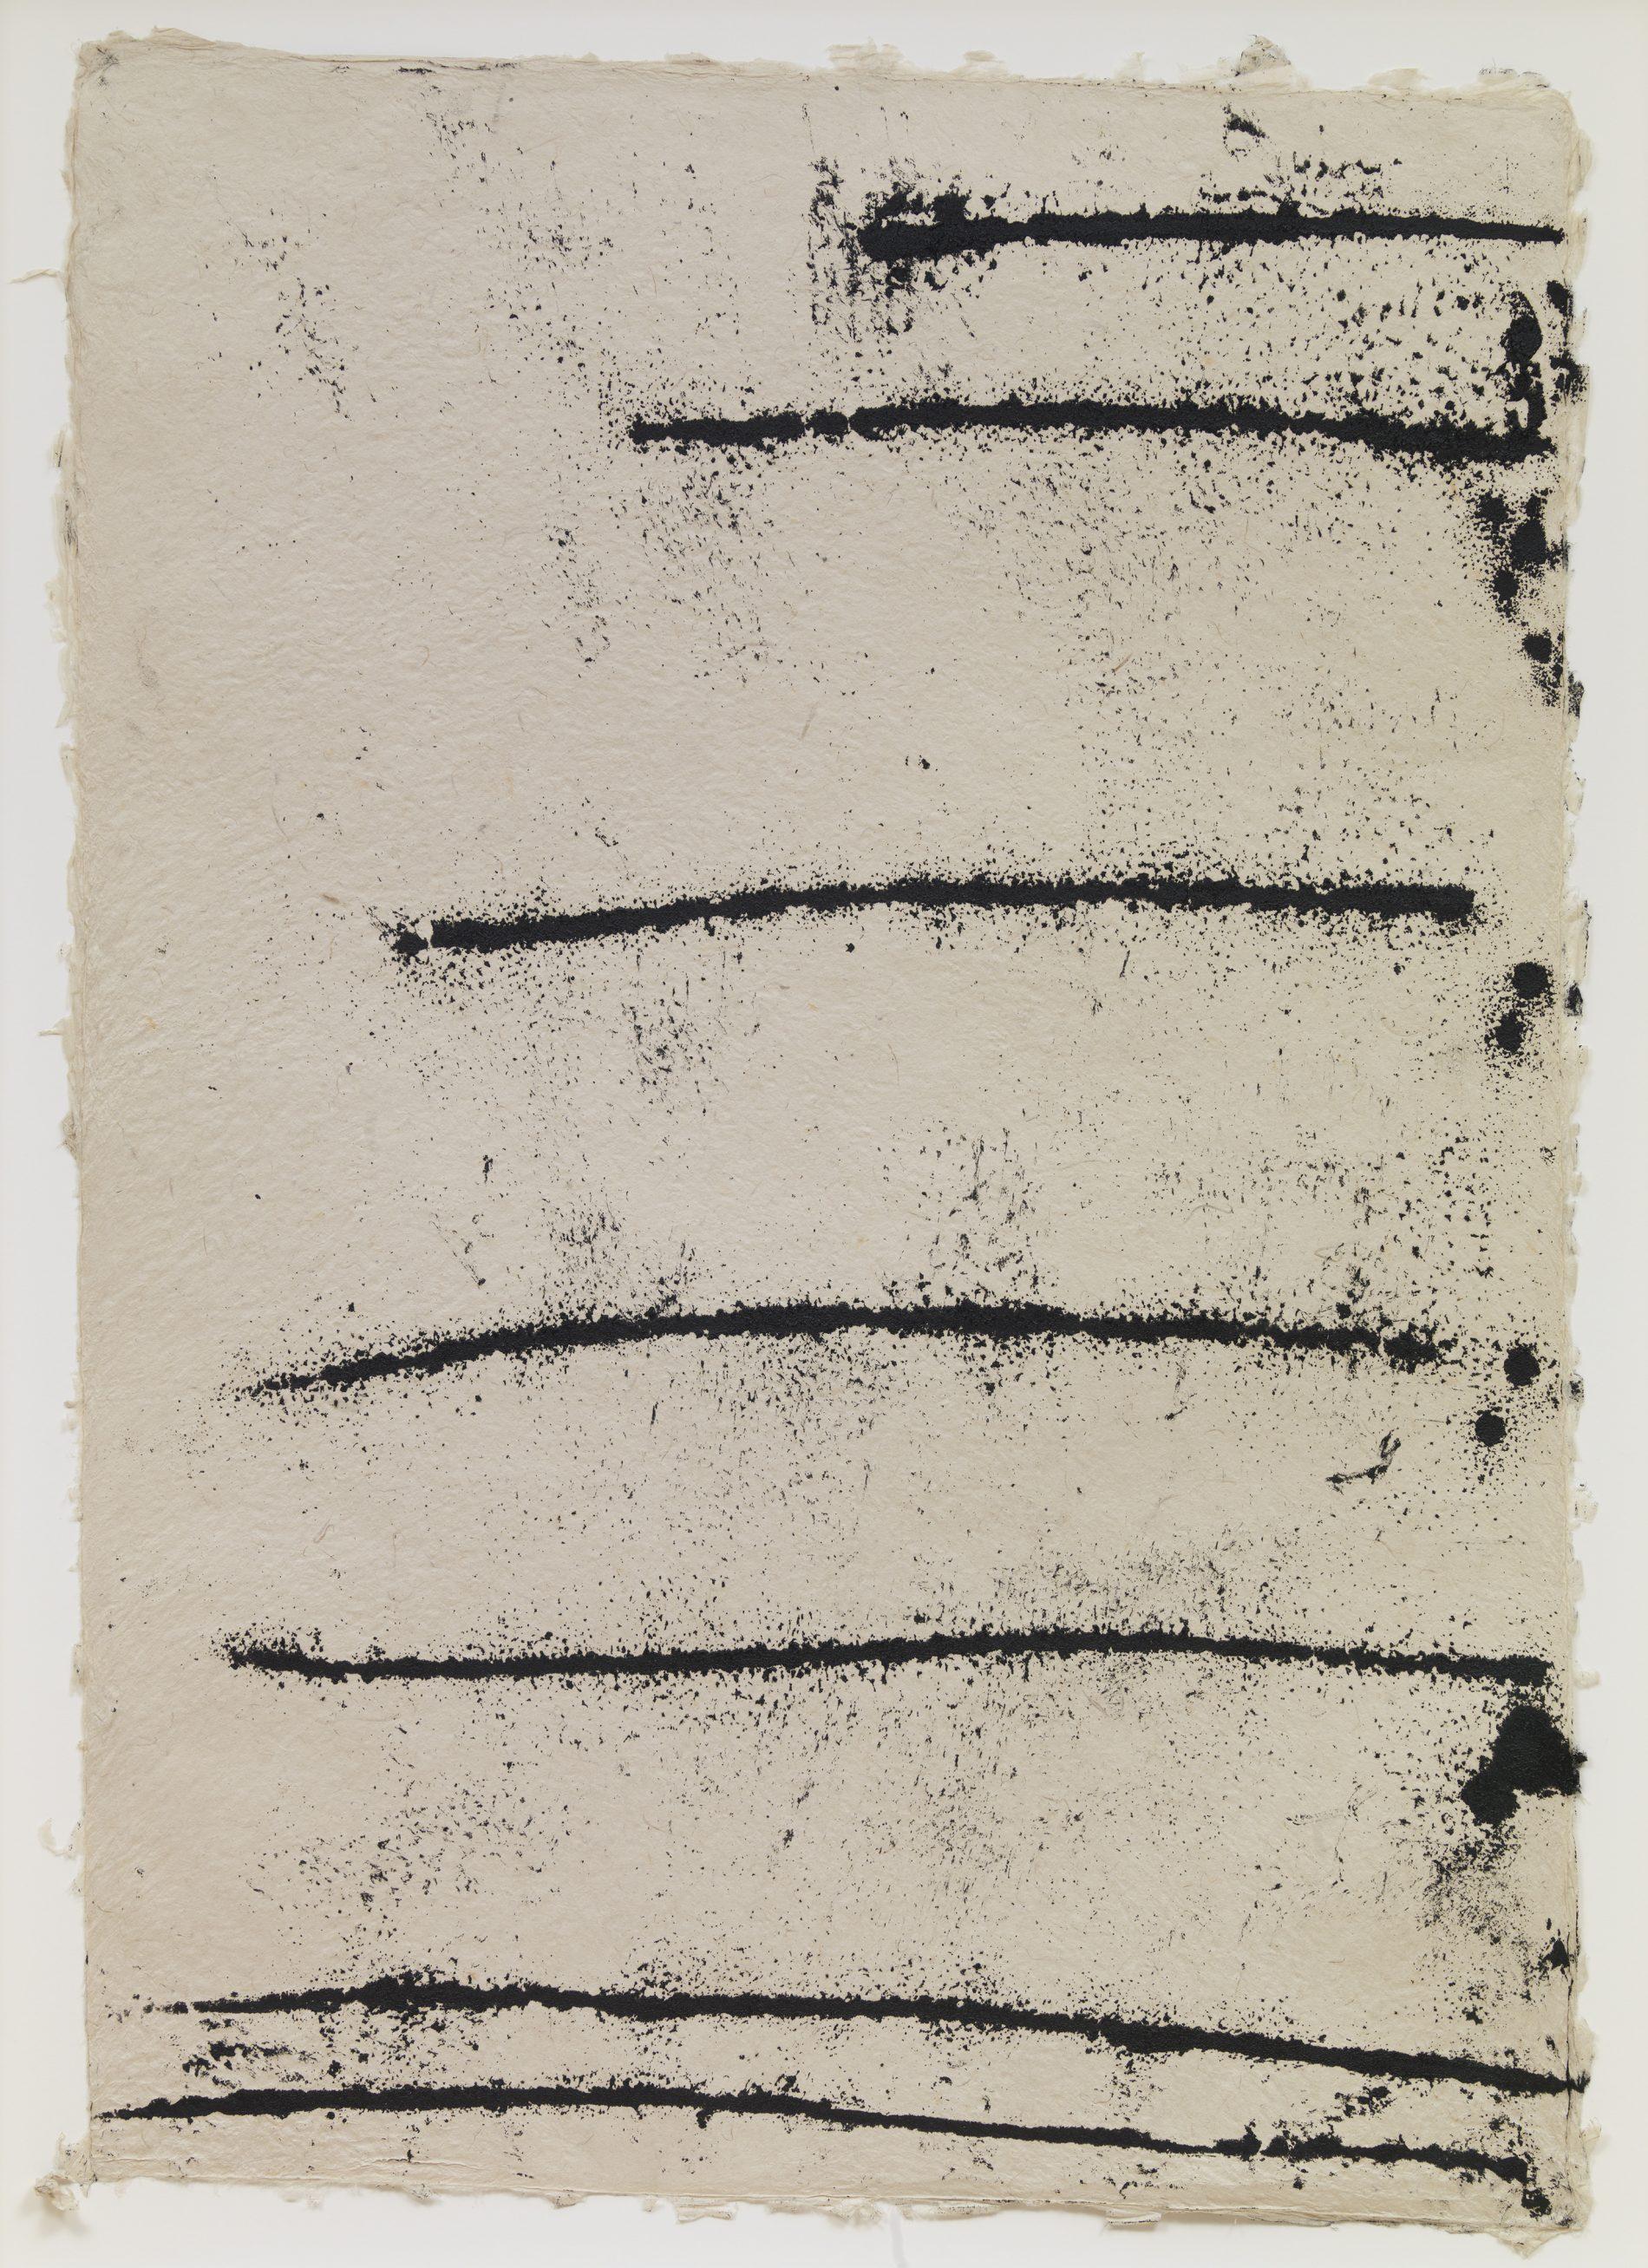 Richard Serra – Drawings 2015-2017